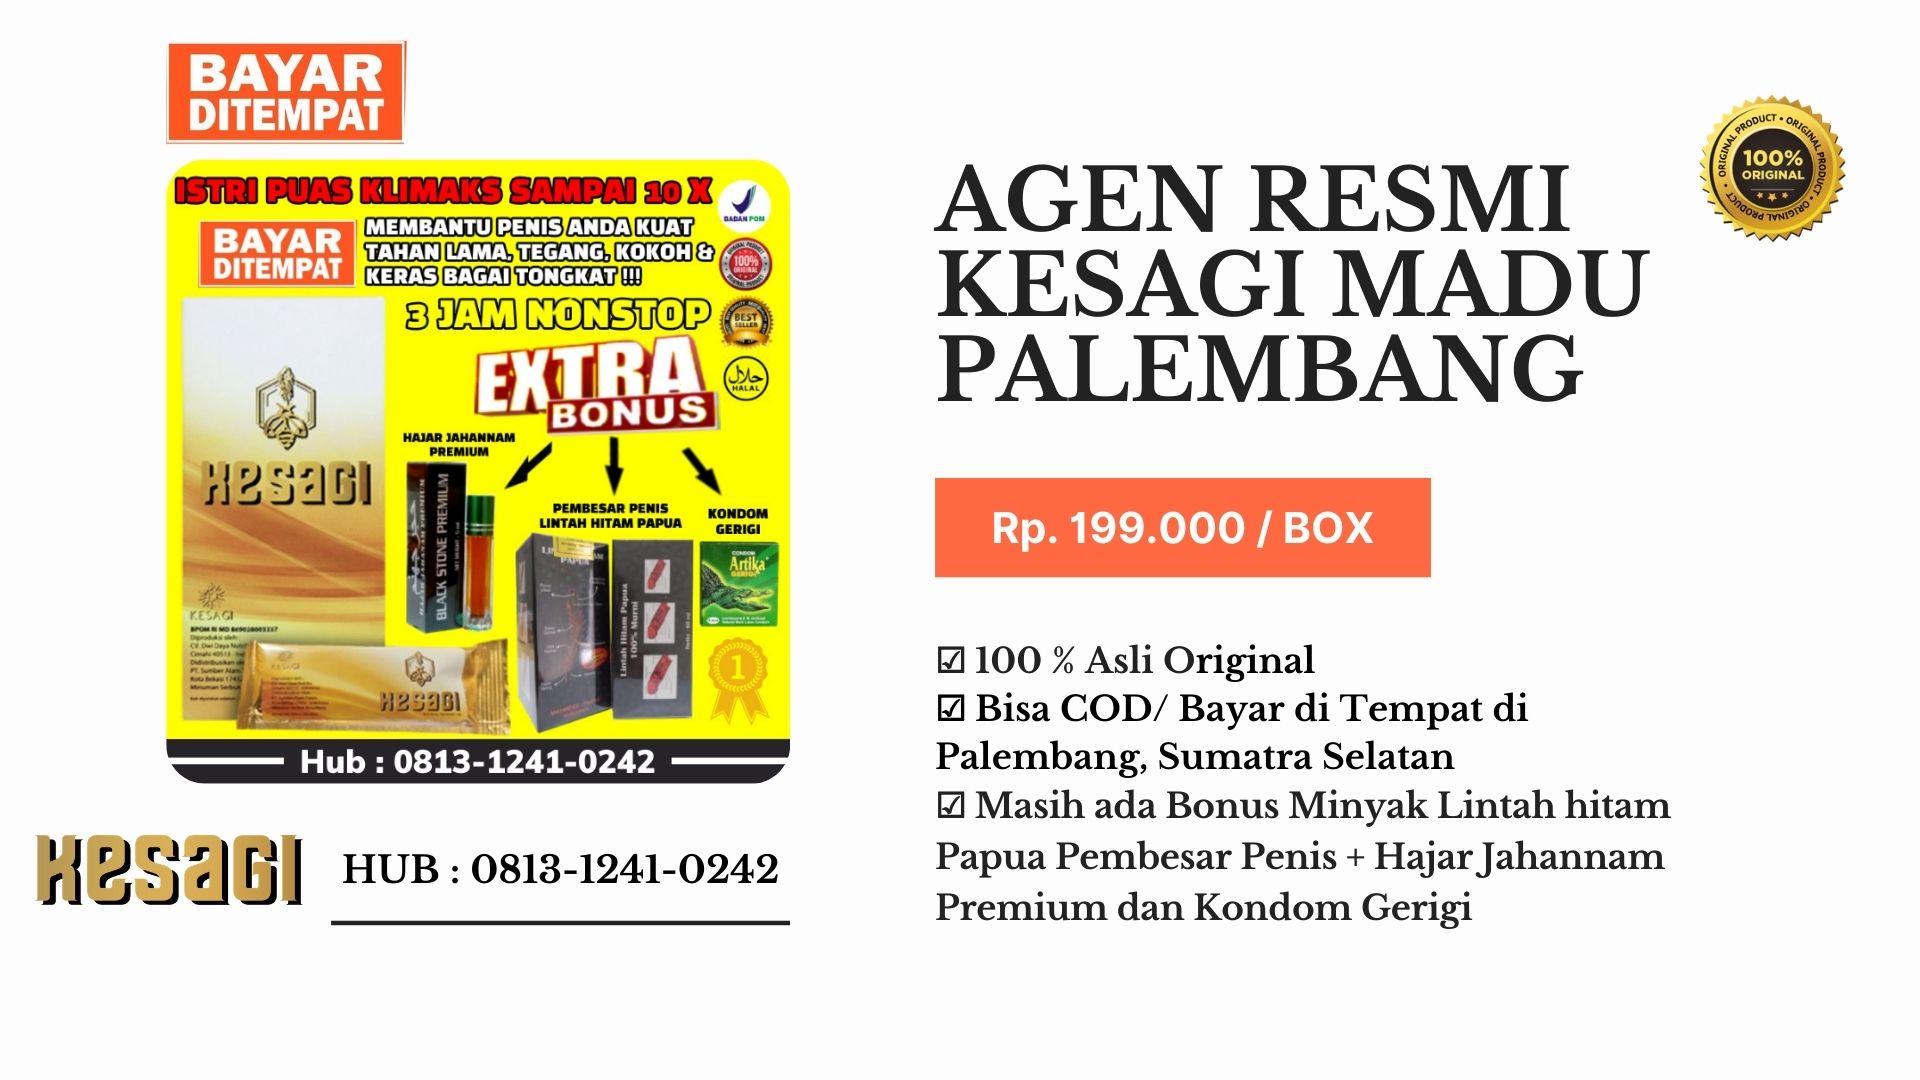 Agen Kesagi Palembang Hub : 0813-1241-0242-COD